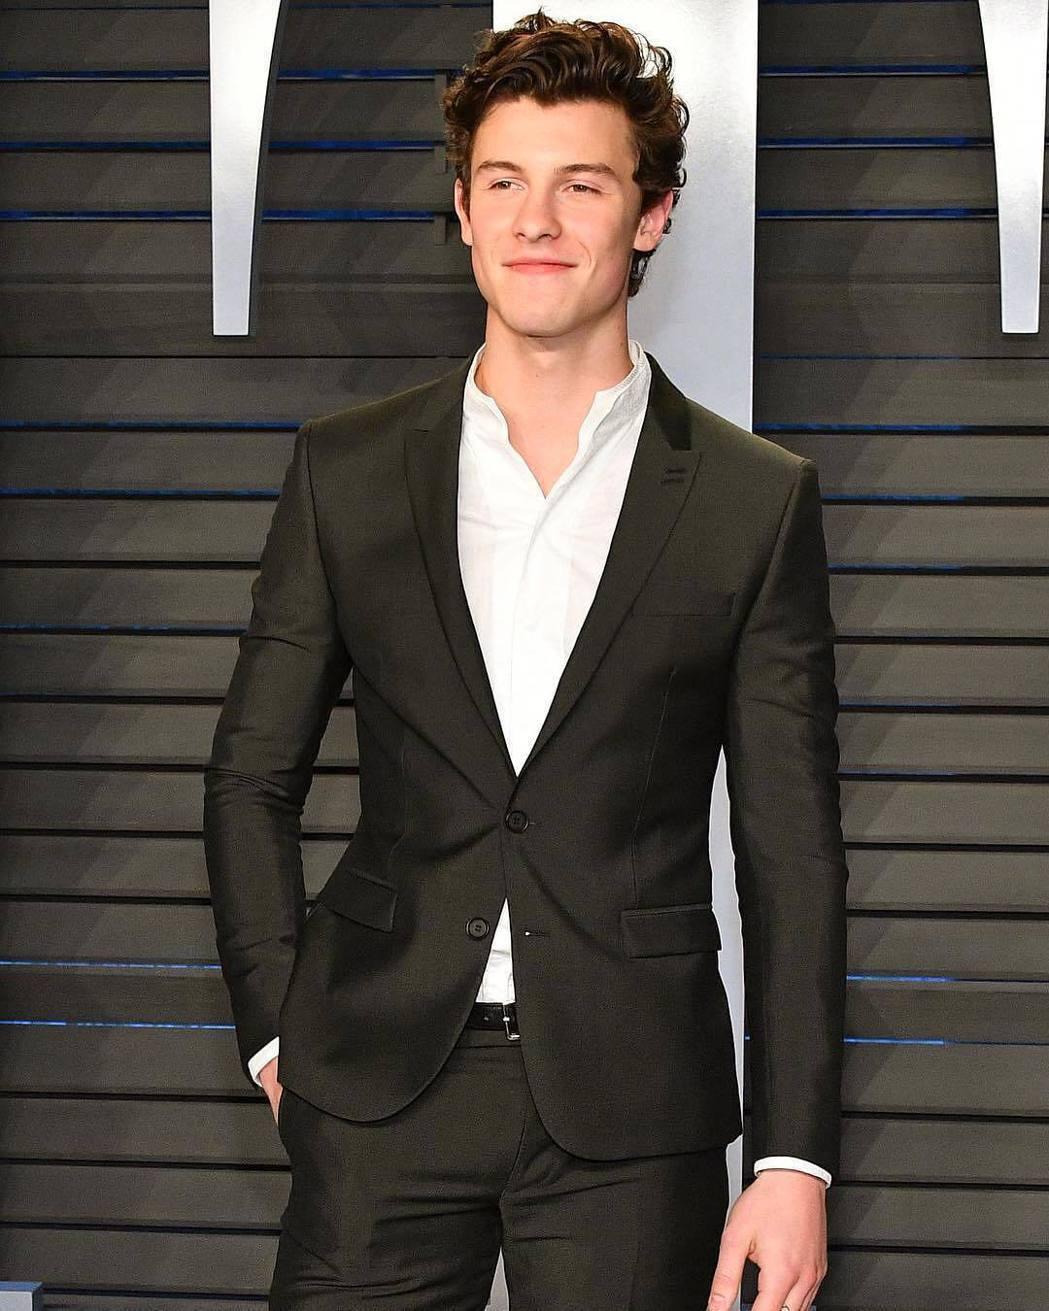 歌手Shawn Mendes雖是黑西裝造型,但是不打領帶,看來既輕鬆又自在。 圖...